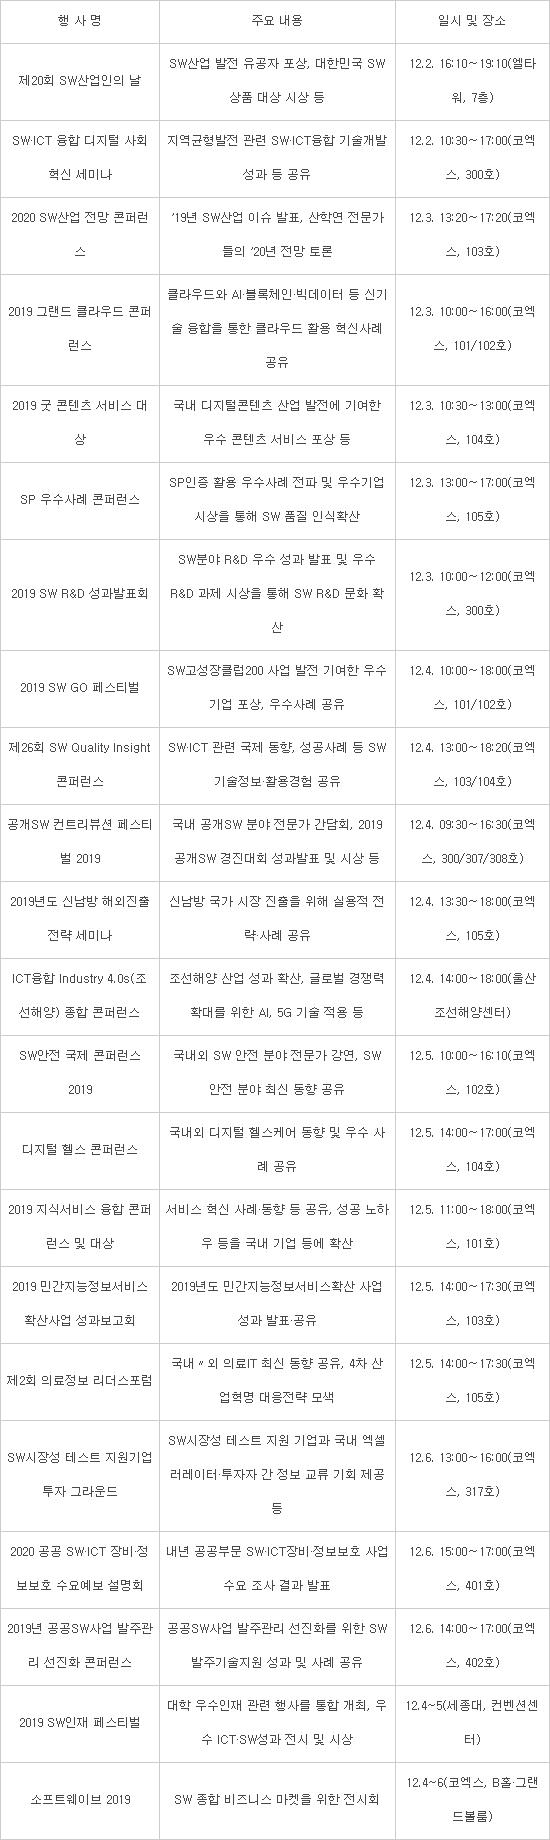 [2019 SW주간]최신기술·트렌드 총망라 22개 세부행사 개최